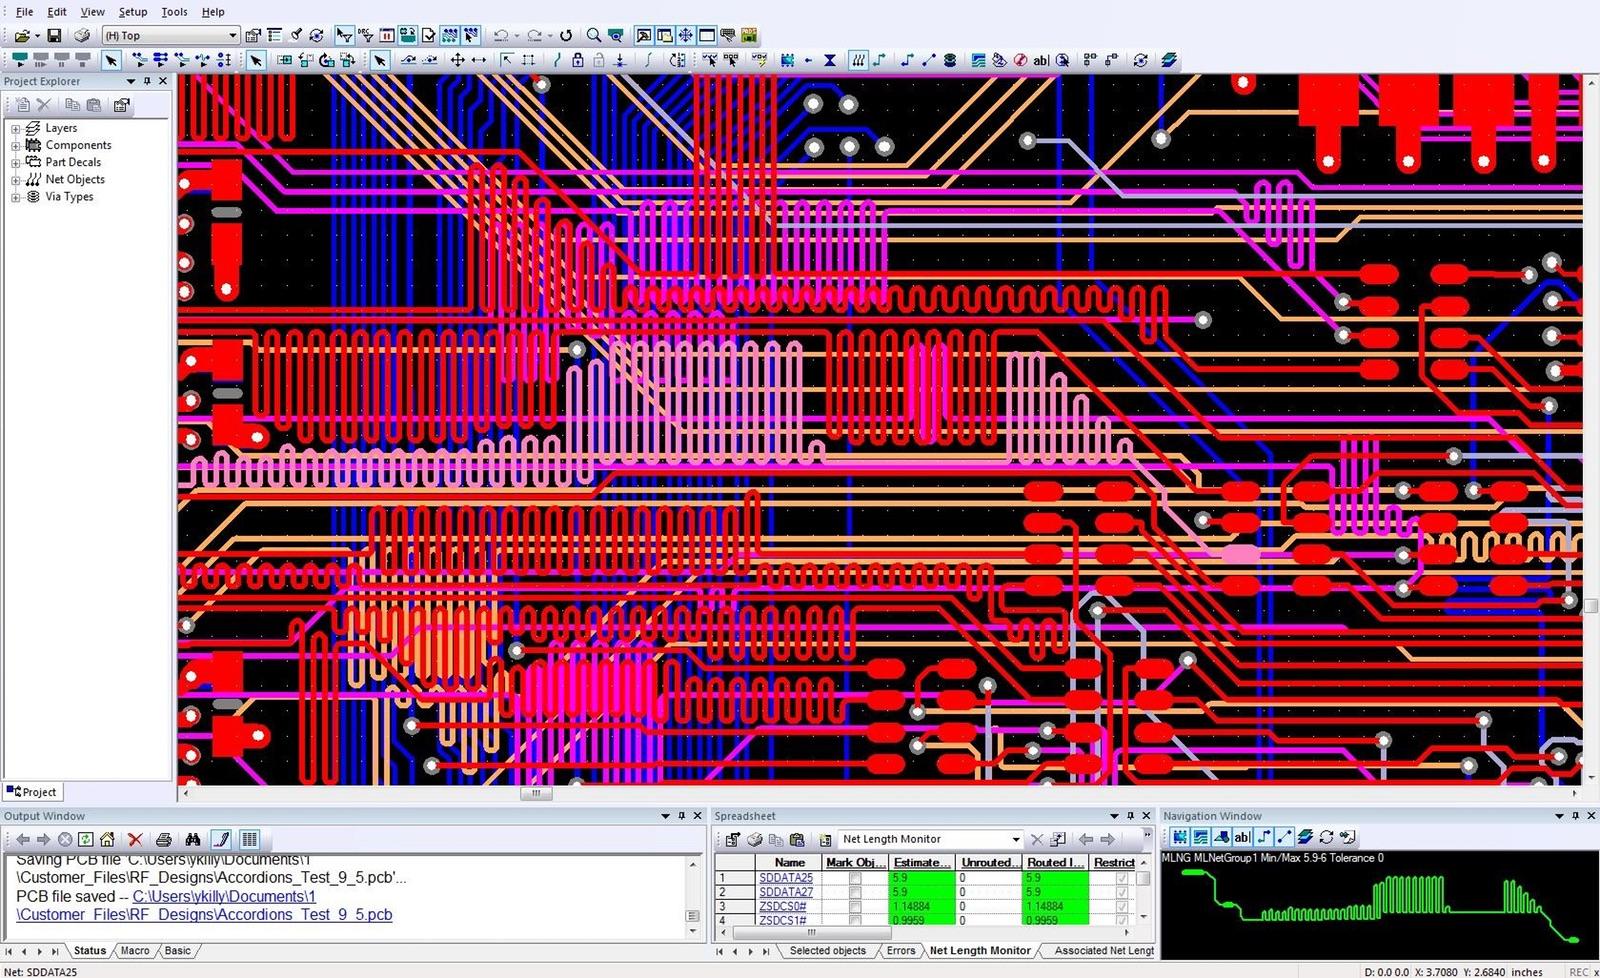 PADS Standard Plus Advanced PCB Layout Option расширенные возможности проектирования топологии печатной платы